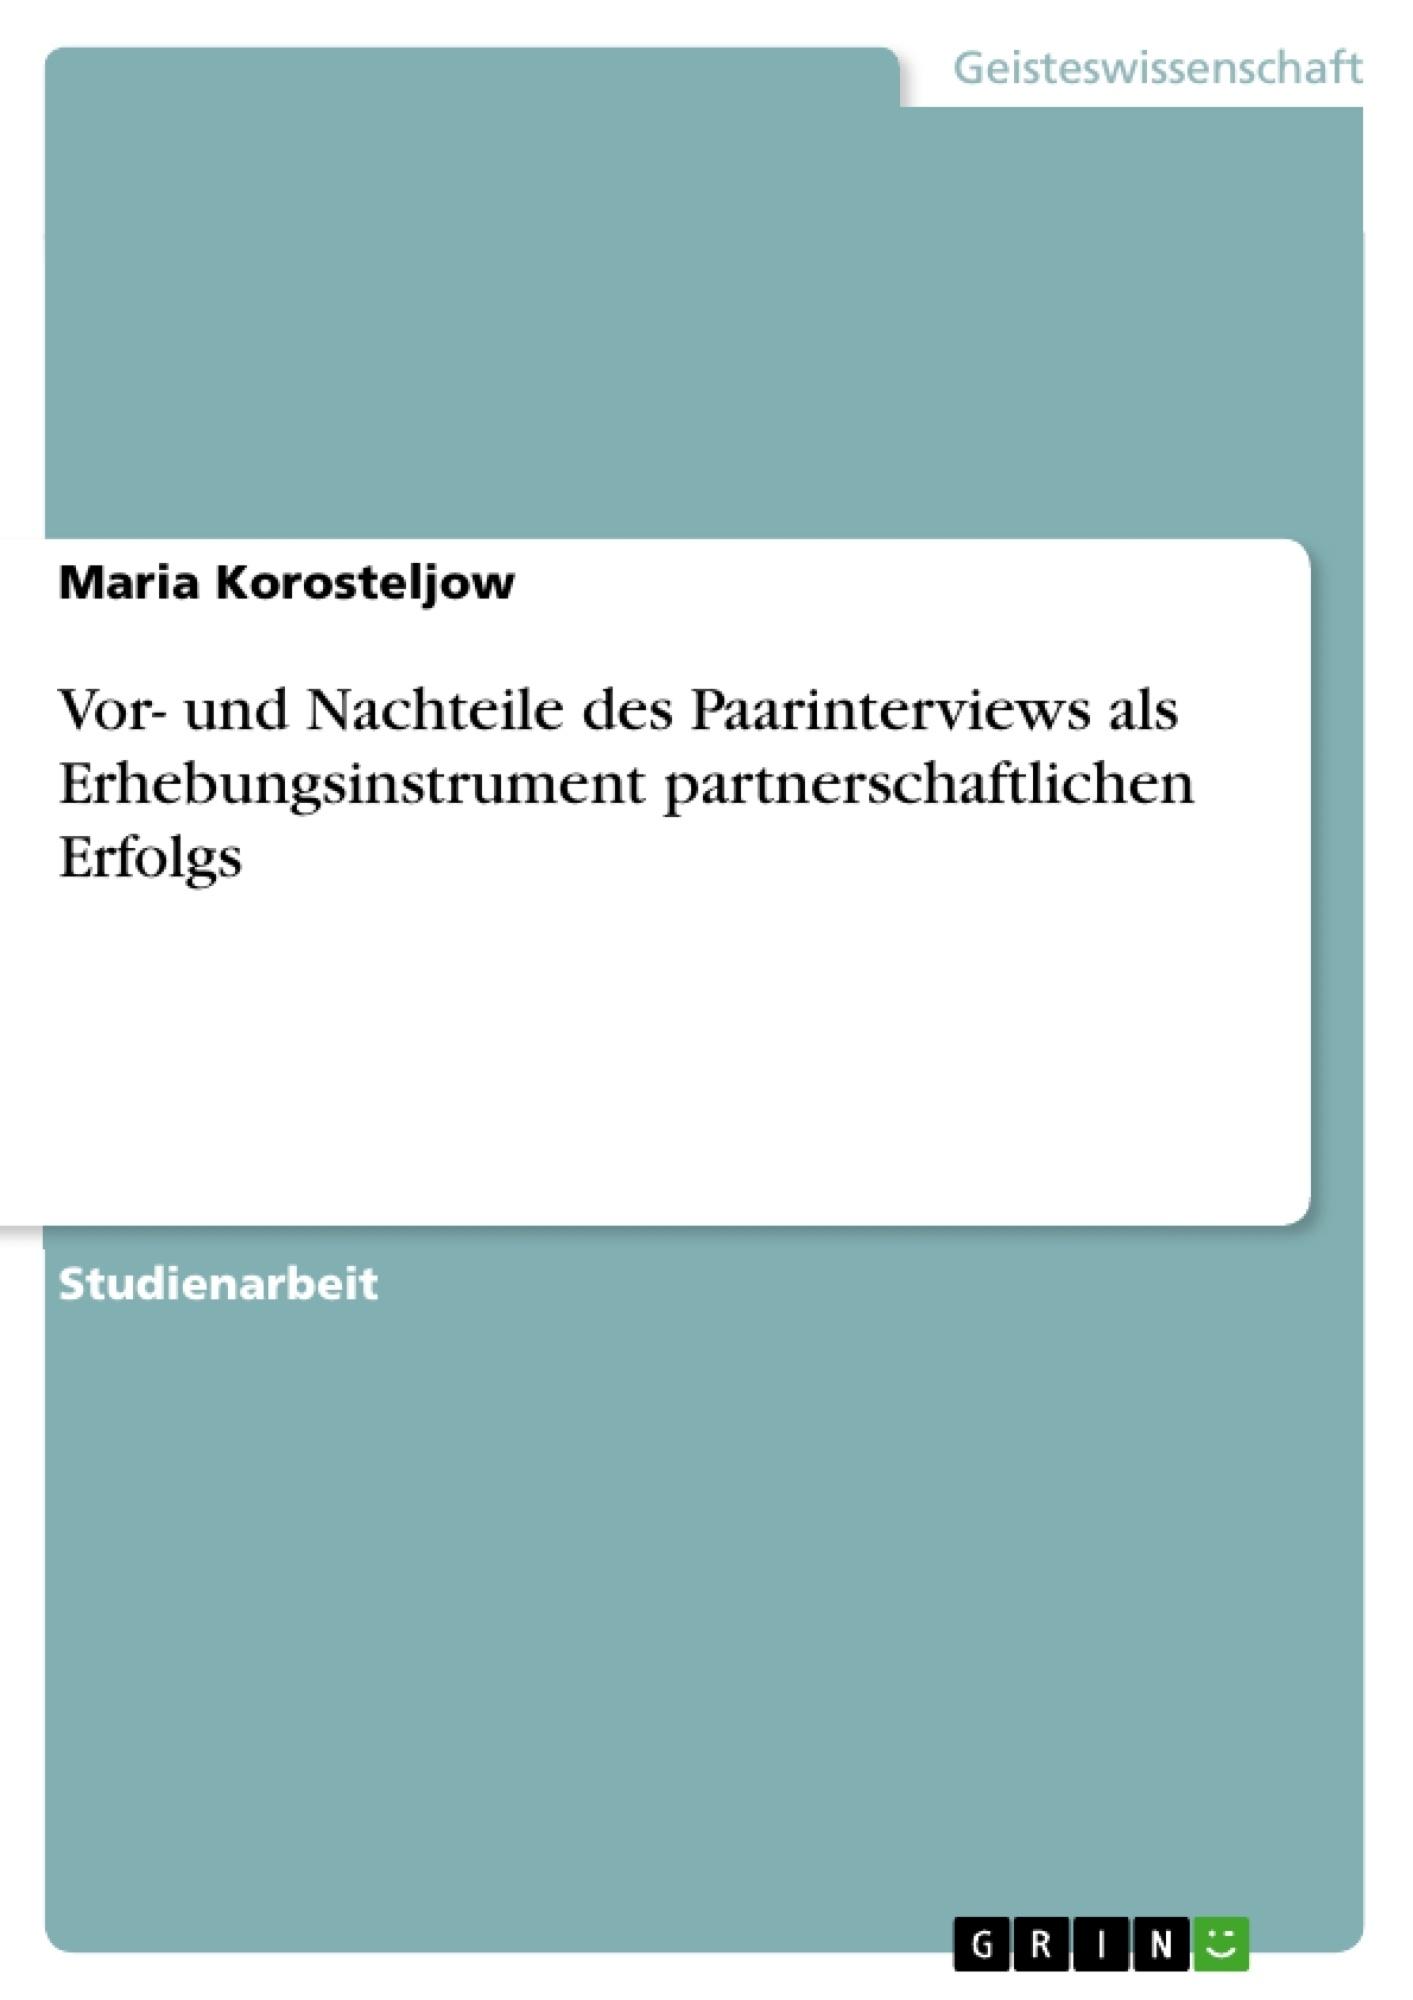 Titel: Vor- und Nachteile des Paarinterviews als Erhebungsinstrument partnerschaftlichen Erfolgs